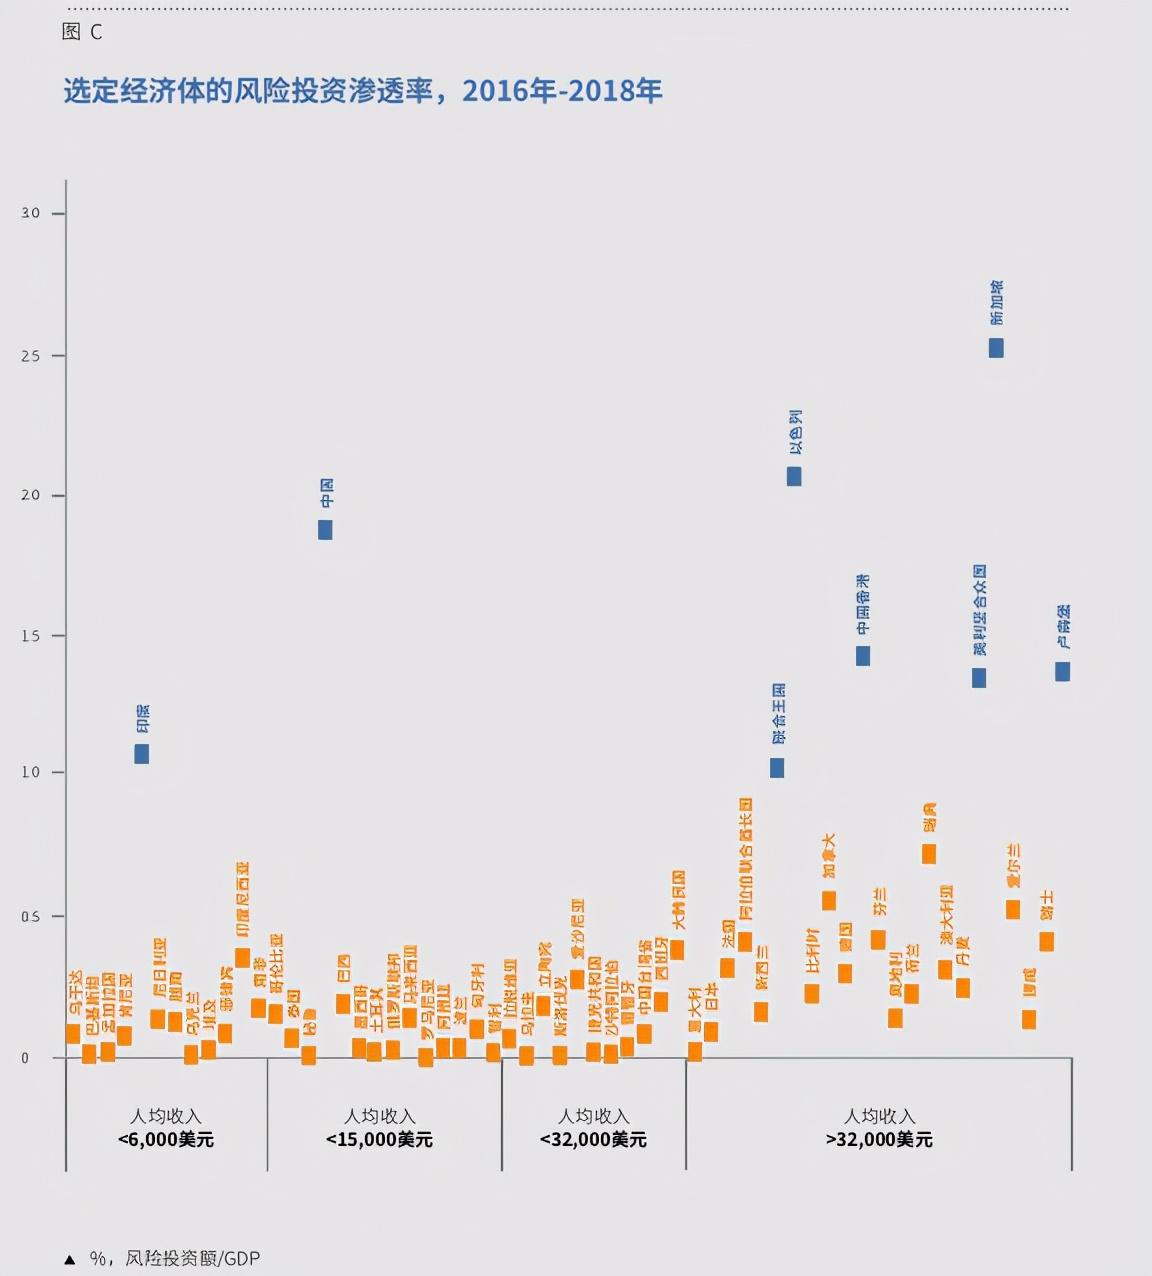 2020年全球创新指数分析:谁为创新出资